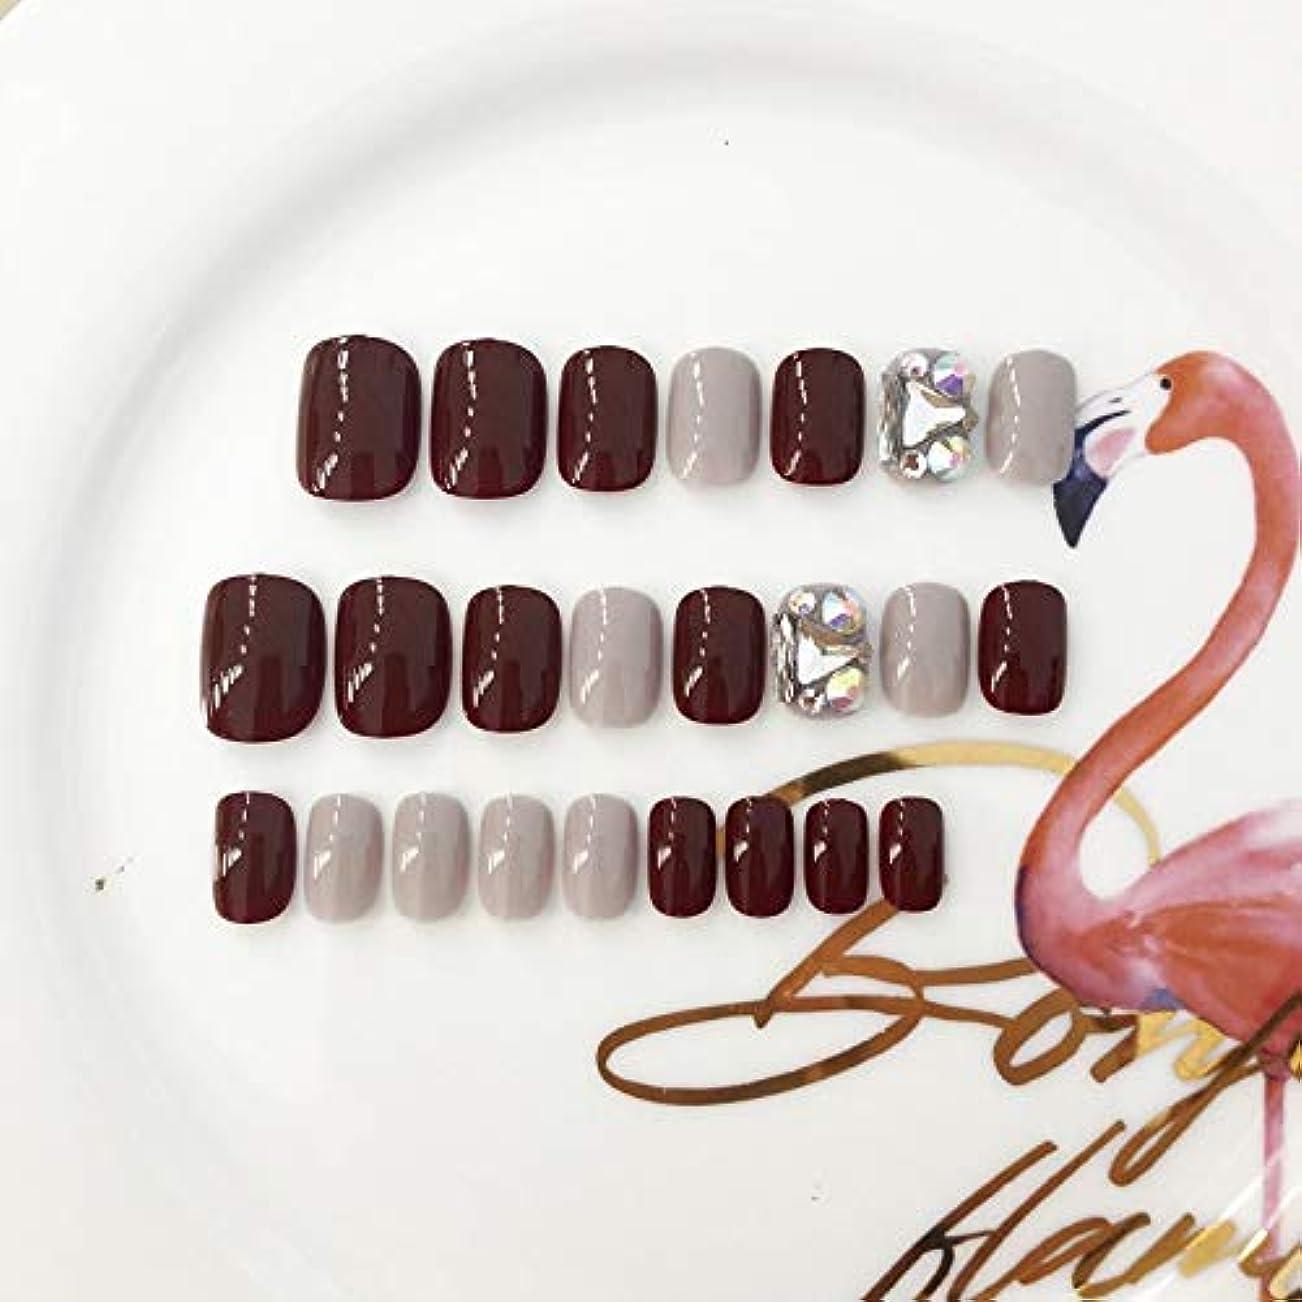 建築家流用する矢印XUANHU HOME 偽爪24個12サイズ赤とダイヤモンド赤の正方形の短い偽の爪